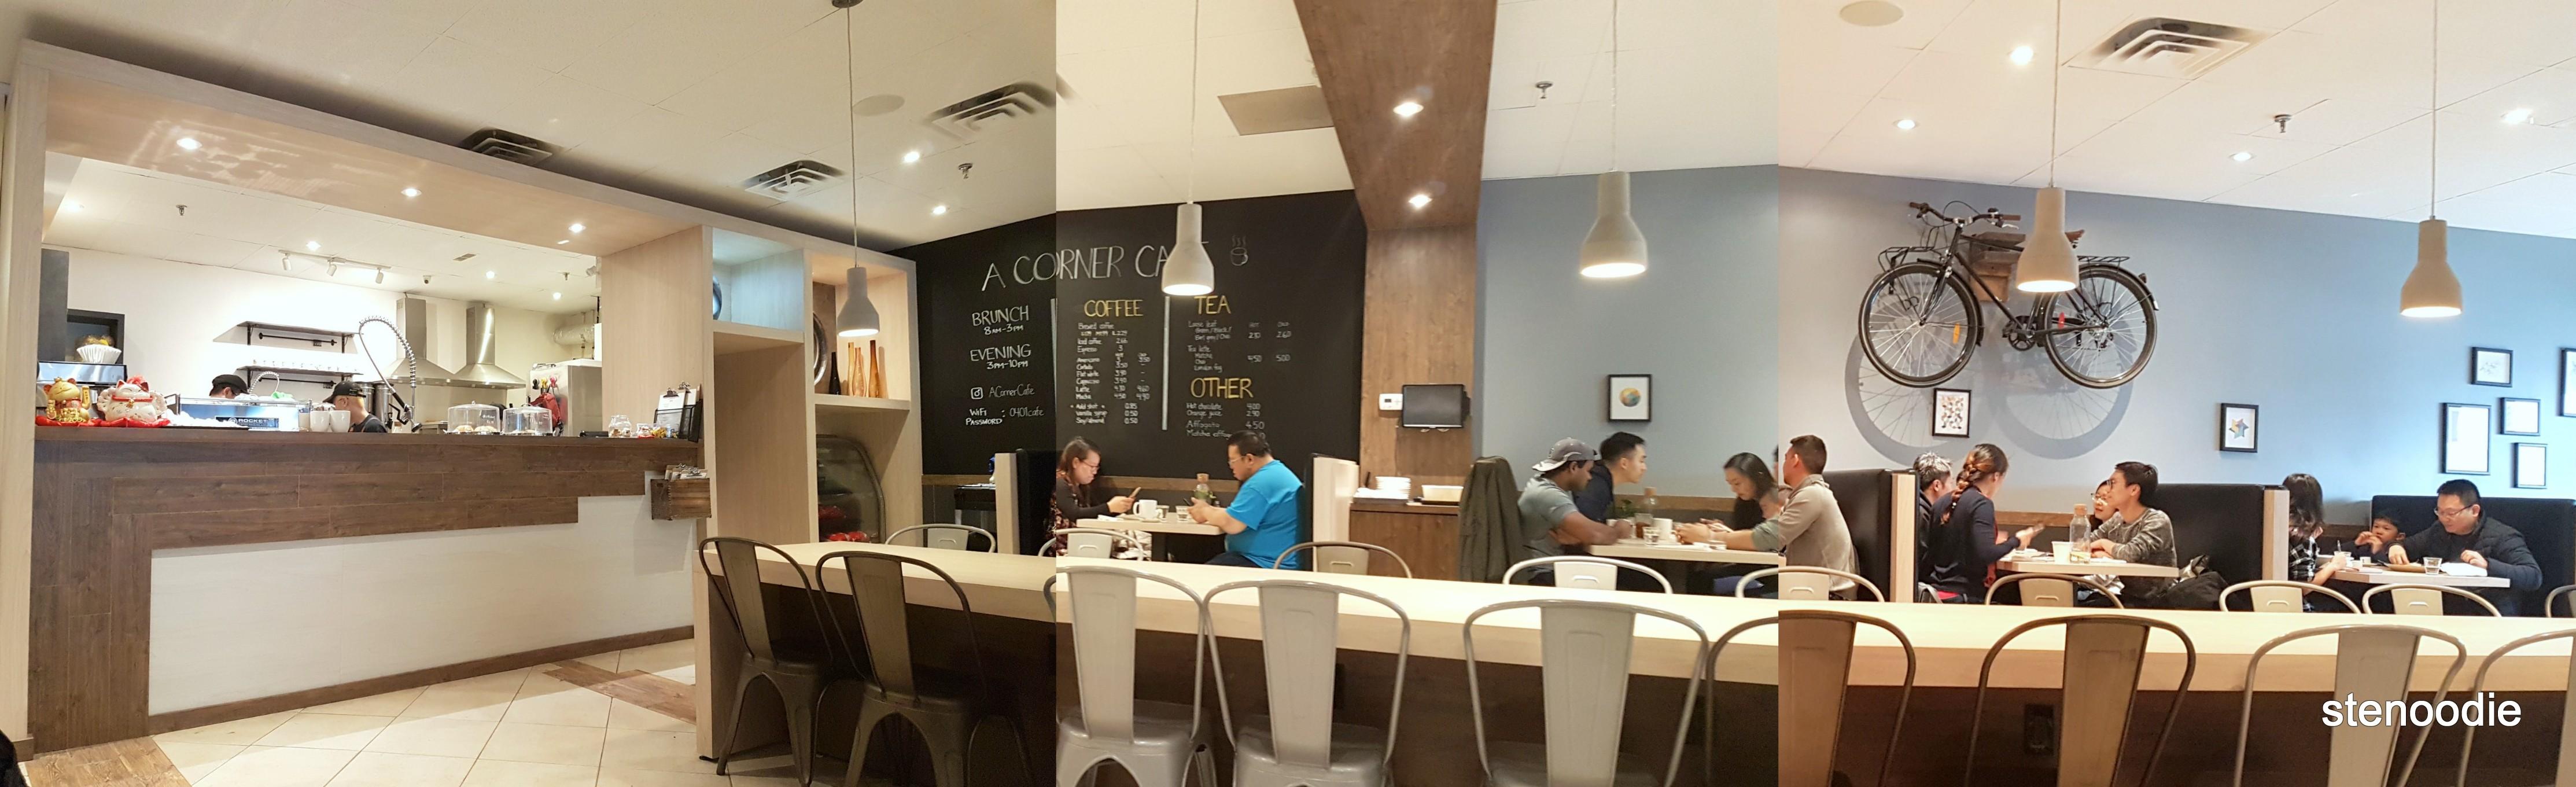 A Corner Cafe interior